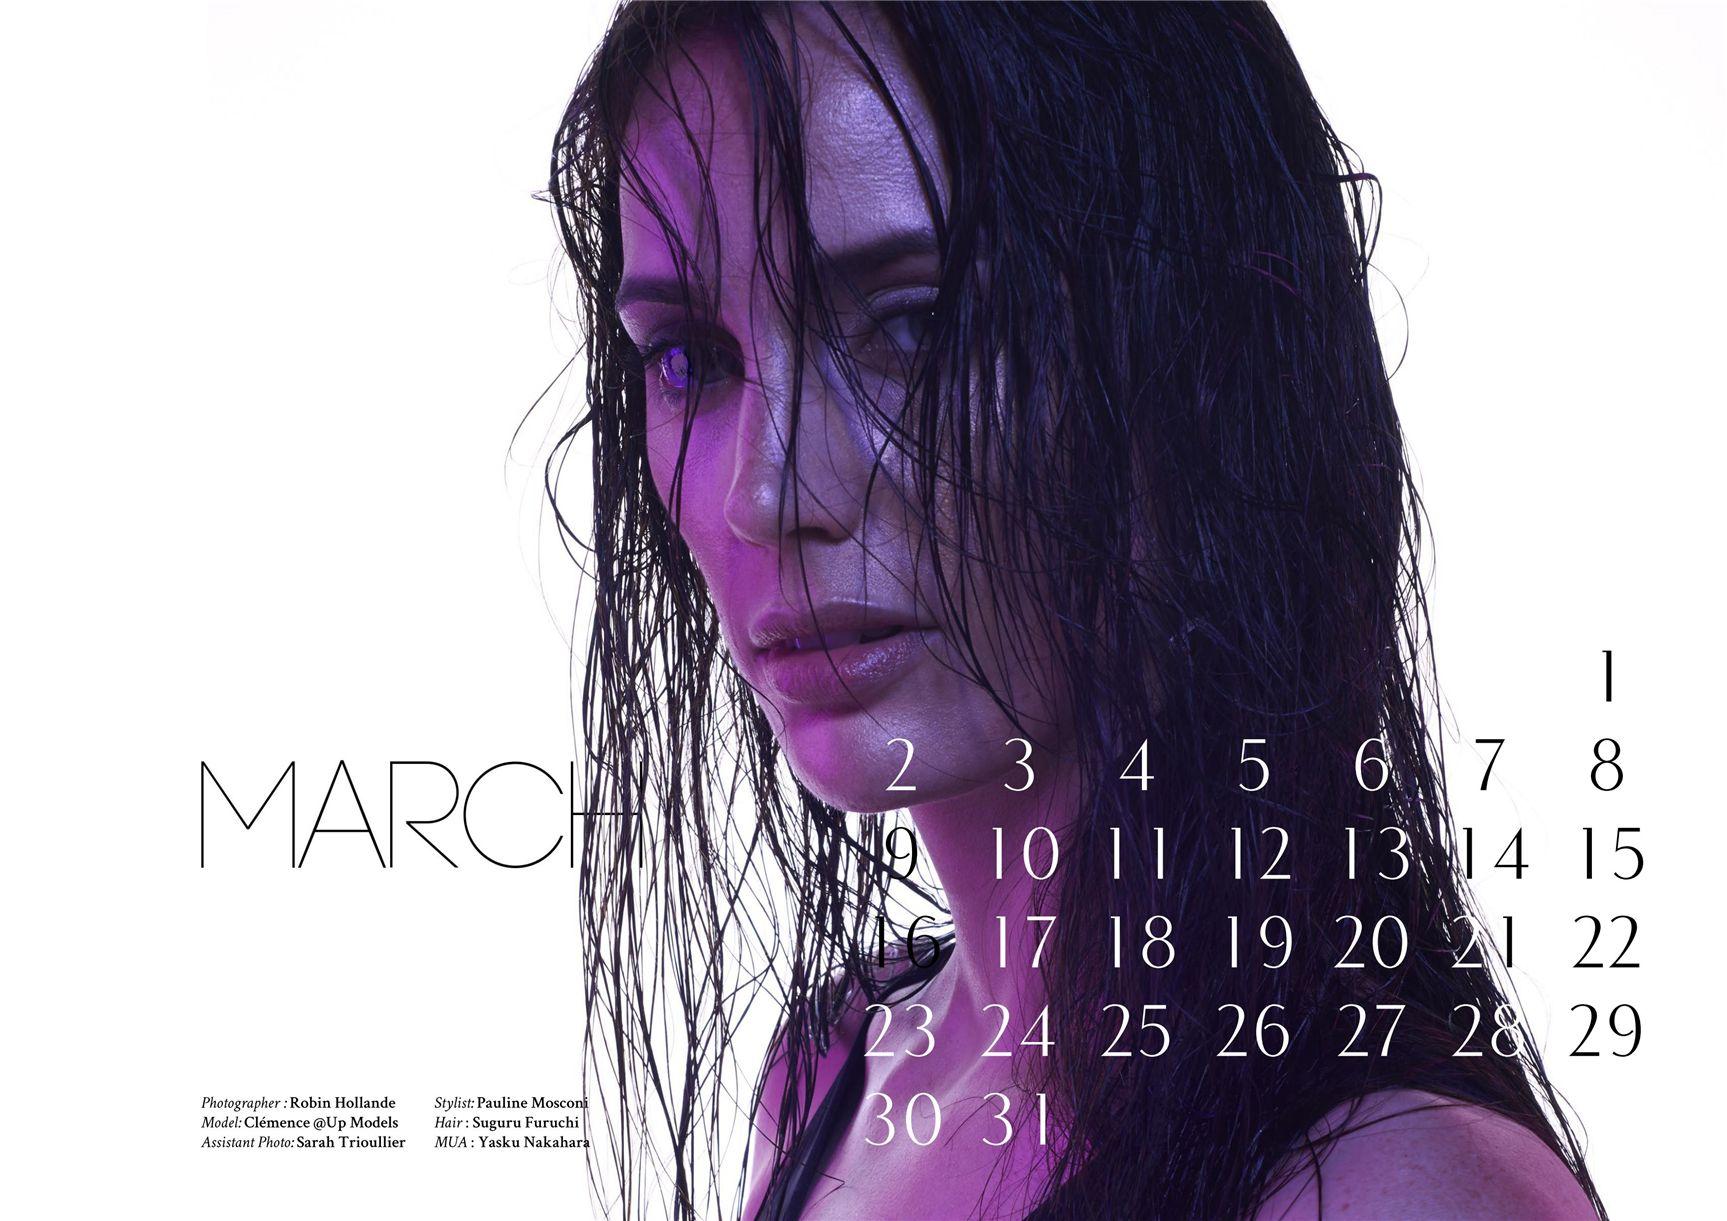 модно-артистический календарь журнала Bizart 2015 calendar - Clemence by Robin Hollande